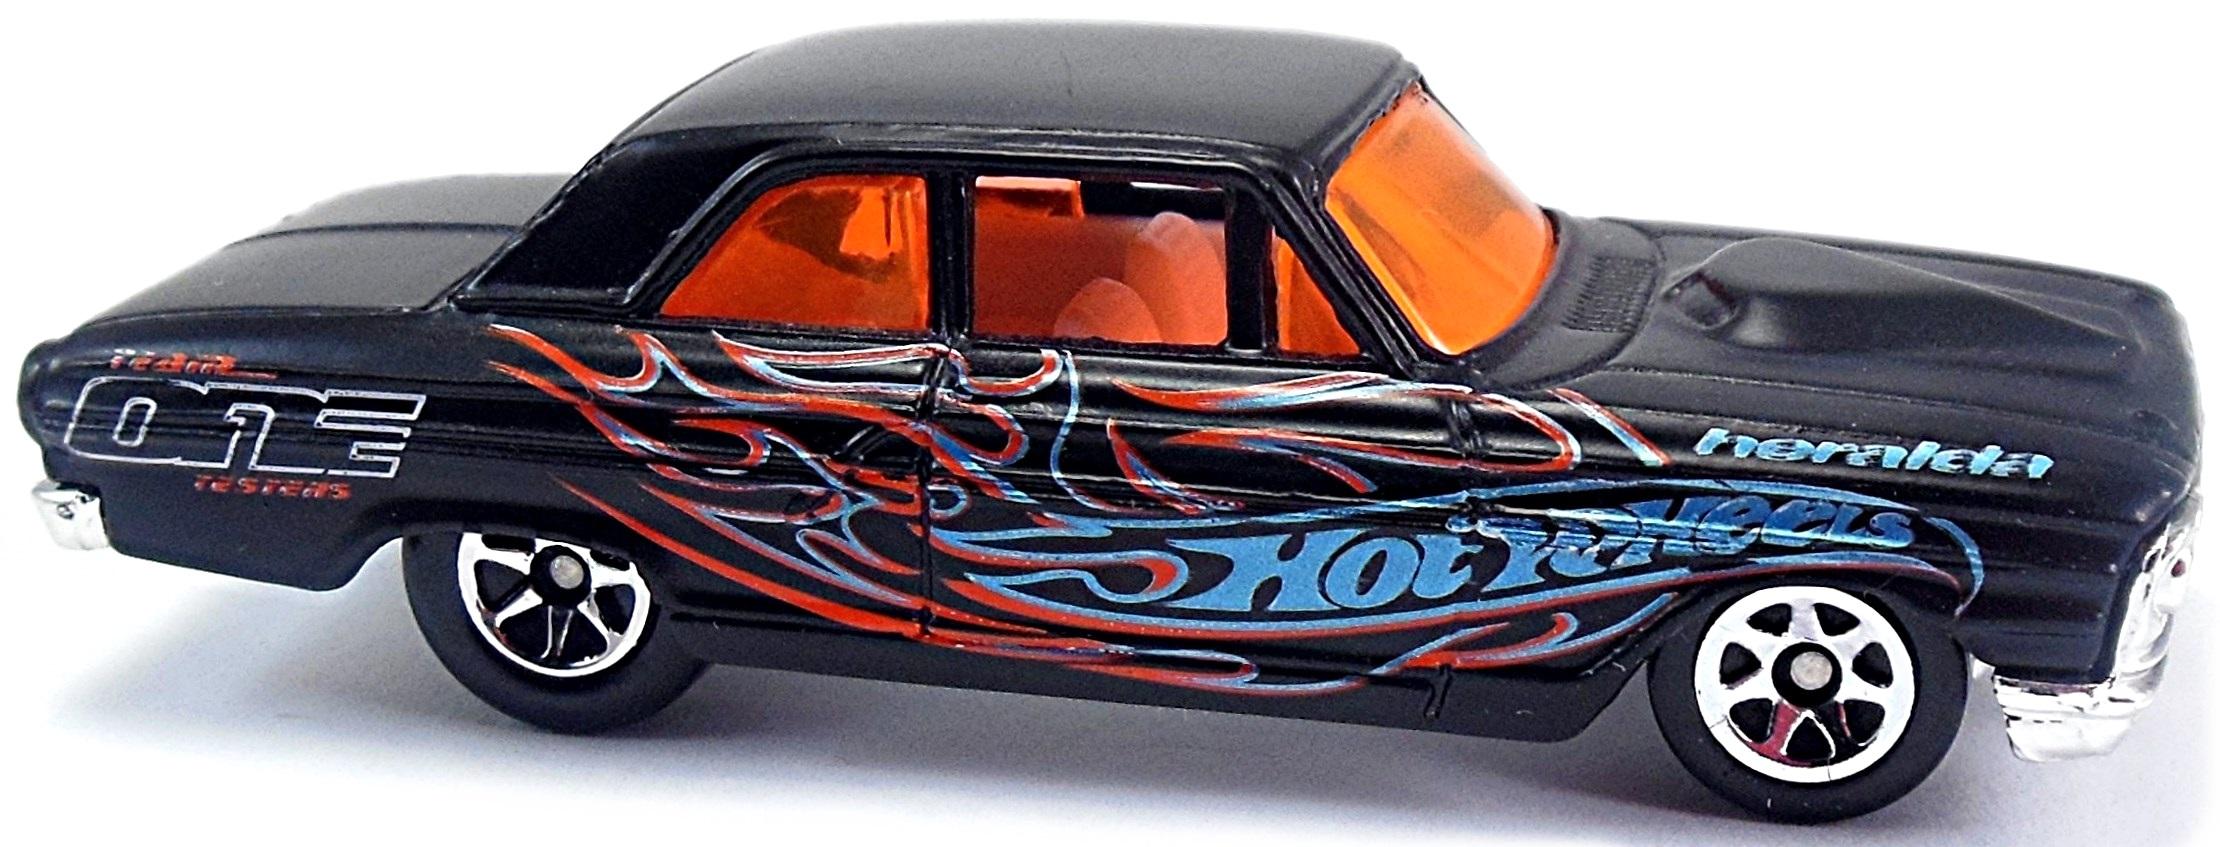 Ford Thunderbolt – 75mm – 2001 | Hot Wheels Newsletter